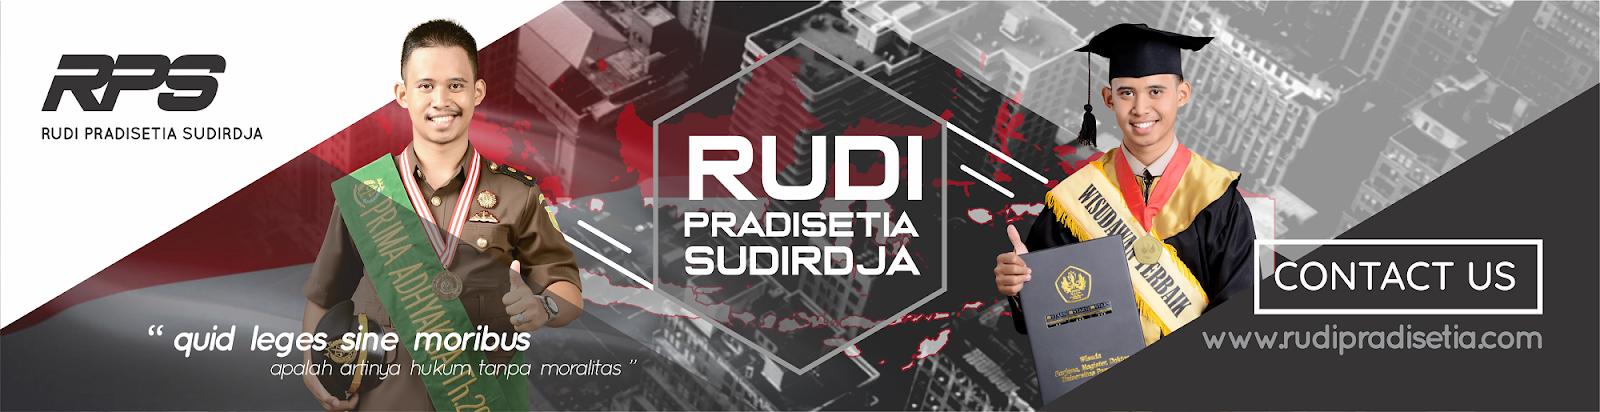 Rudi Pradisetia Sudirdja